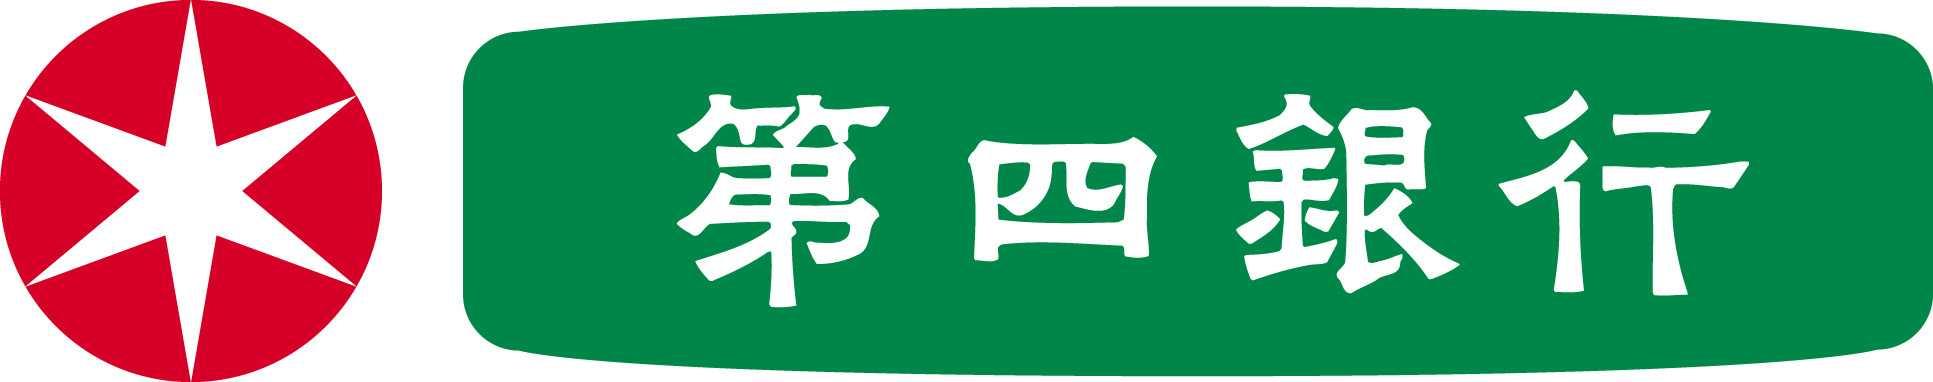 公益財団法人ひょうご産業活性化センター